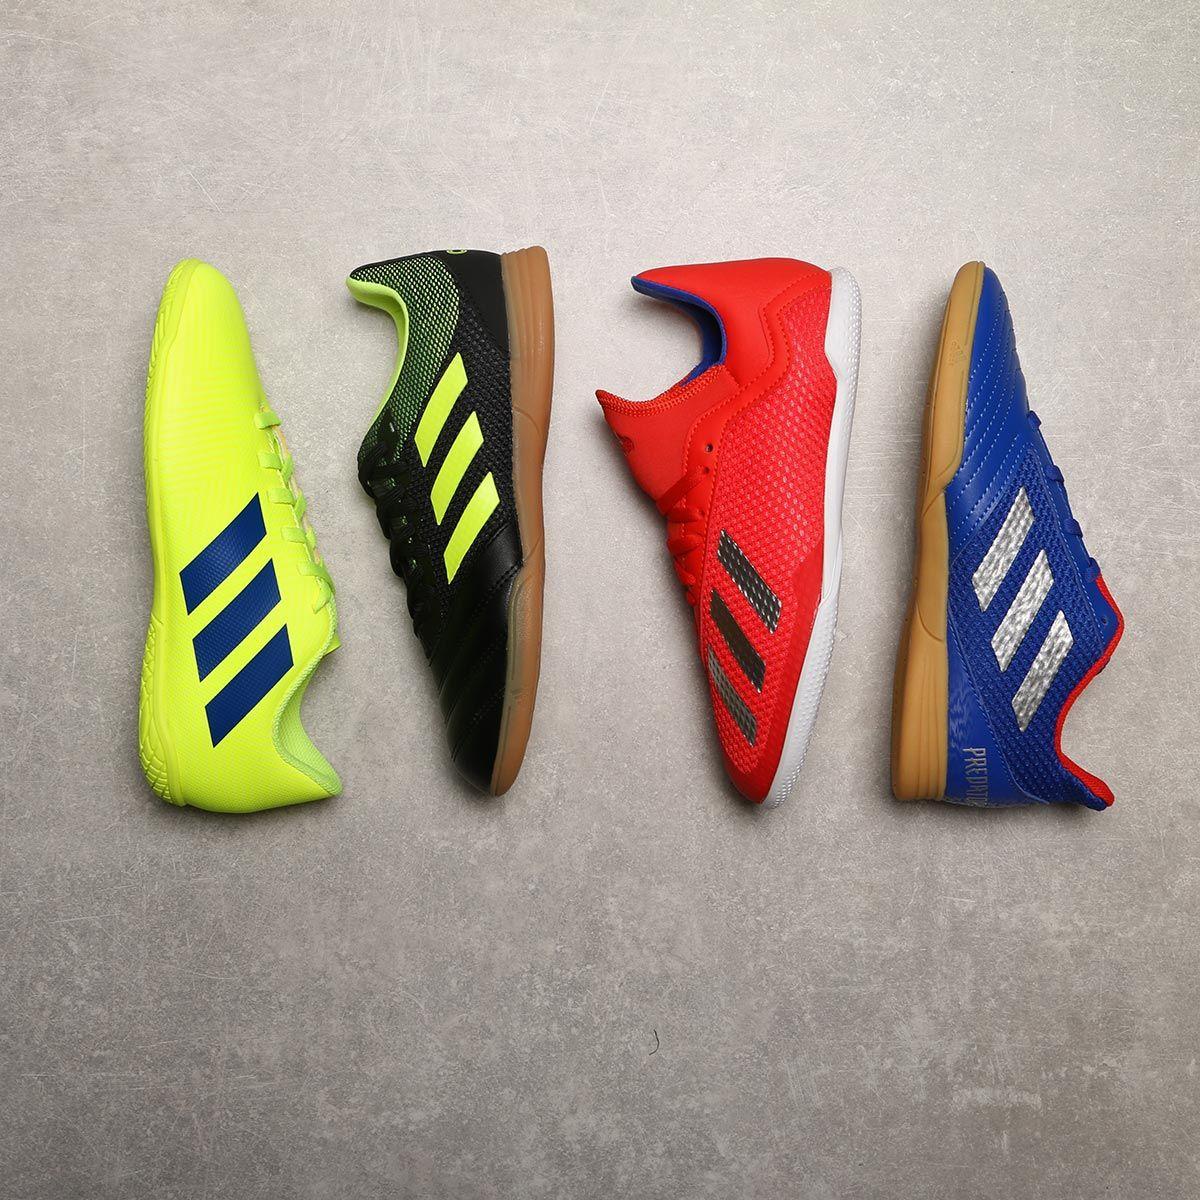 Mm paz sin cable  adidas futsal | Botas de futbol sala, Zapatos de futbol sala, Zapatos de  fútbol nike